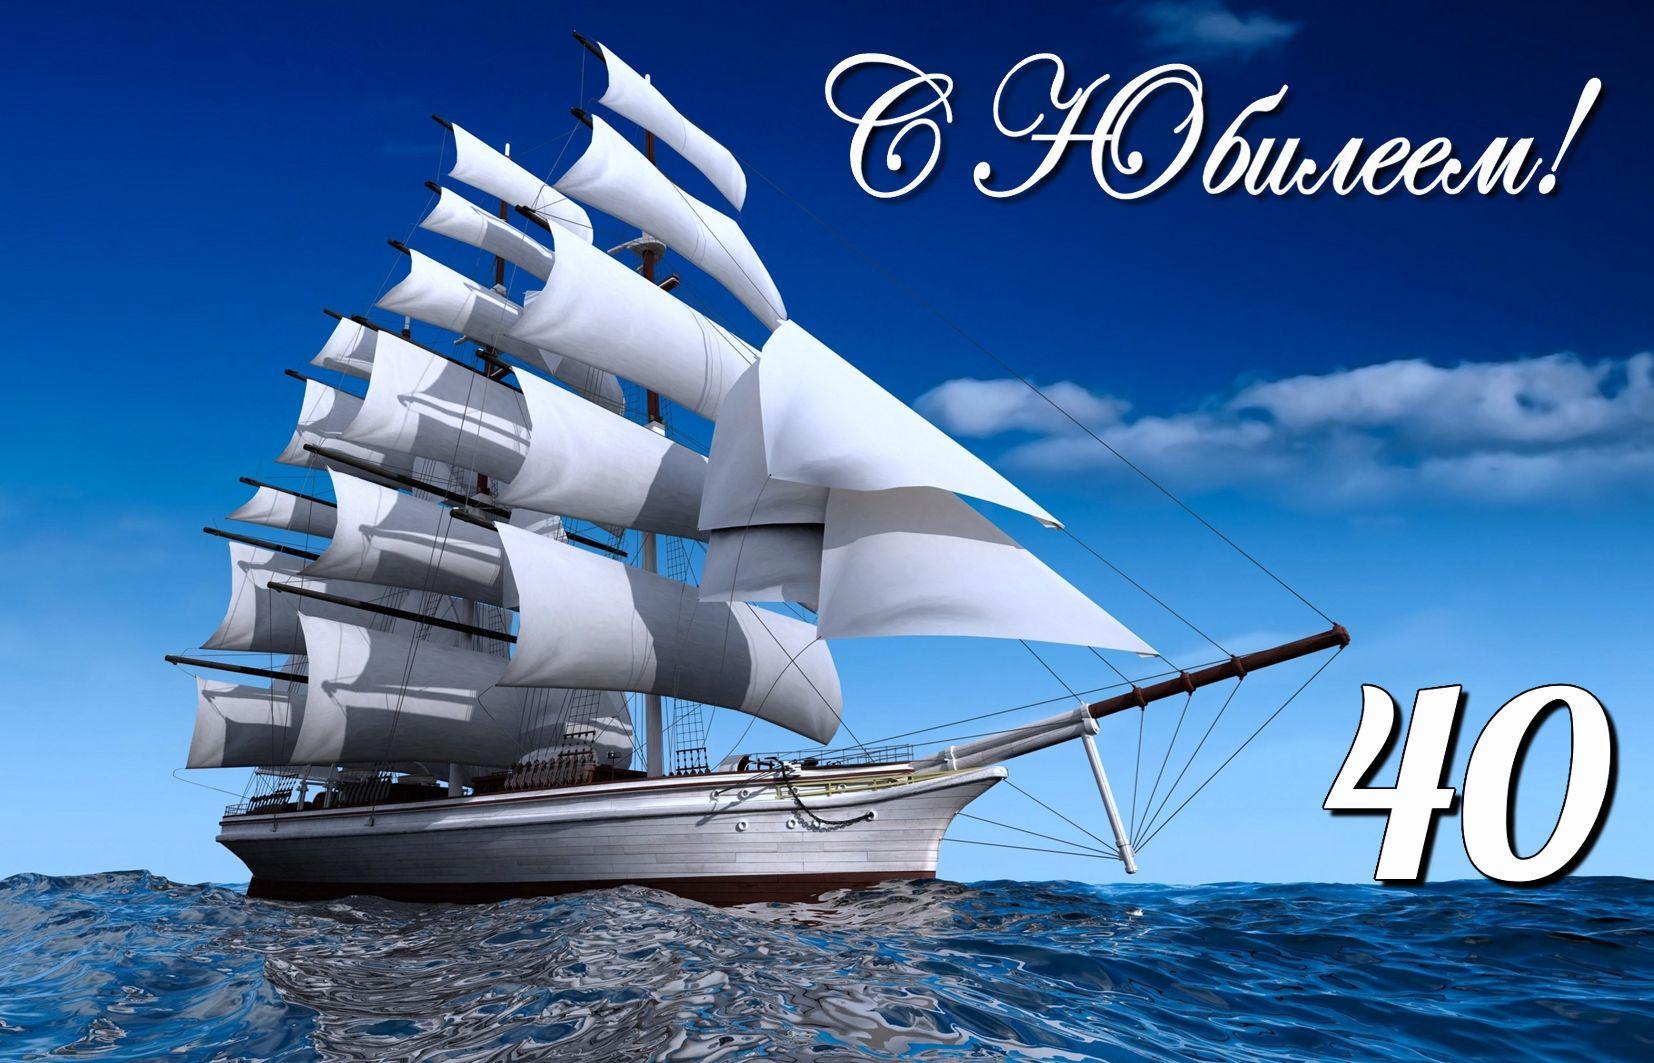 Открытка с днем рождения с яхтой 66